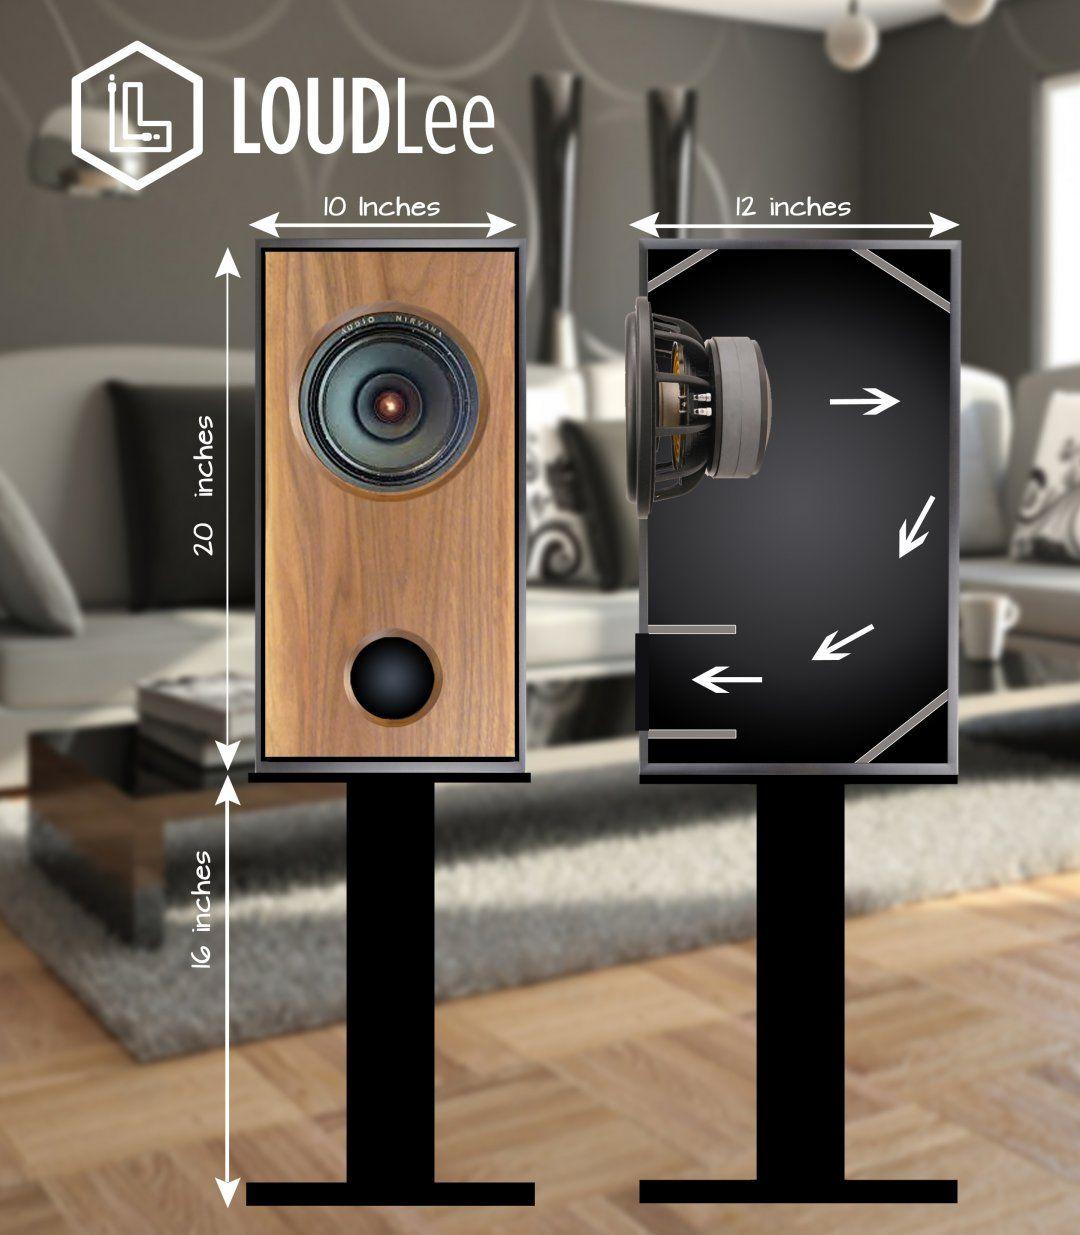 Diy Audiophile Speaker - building home theater speakers diy